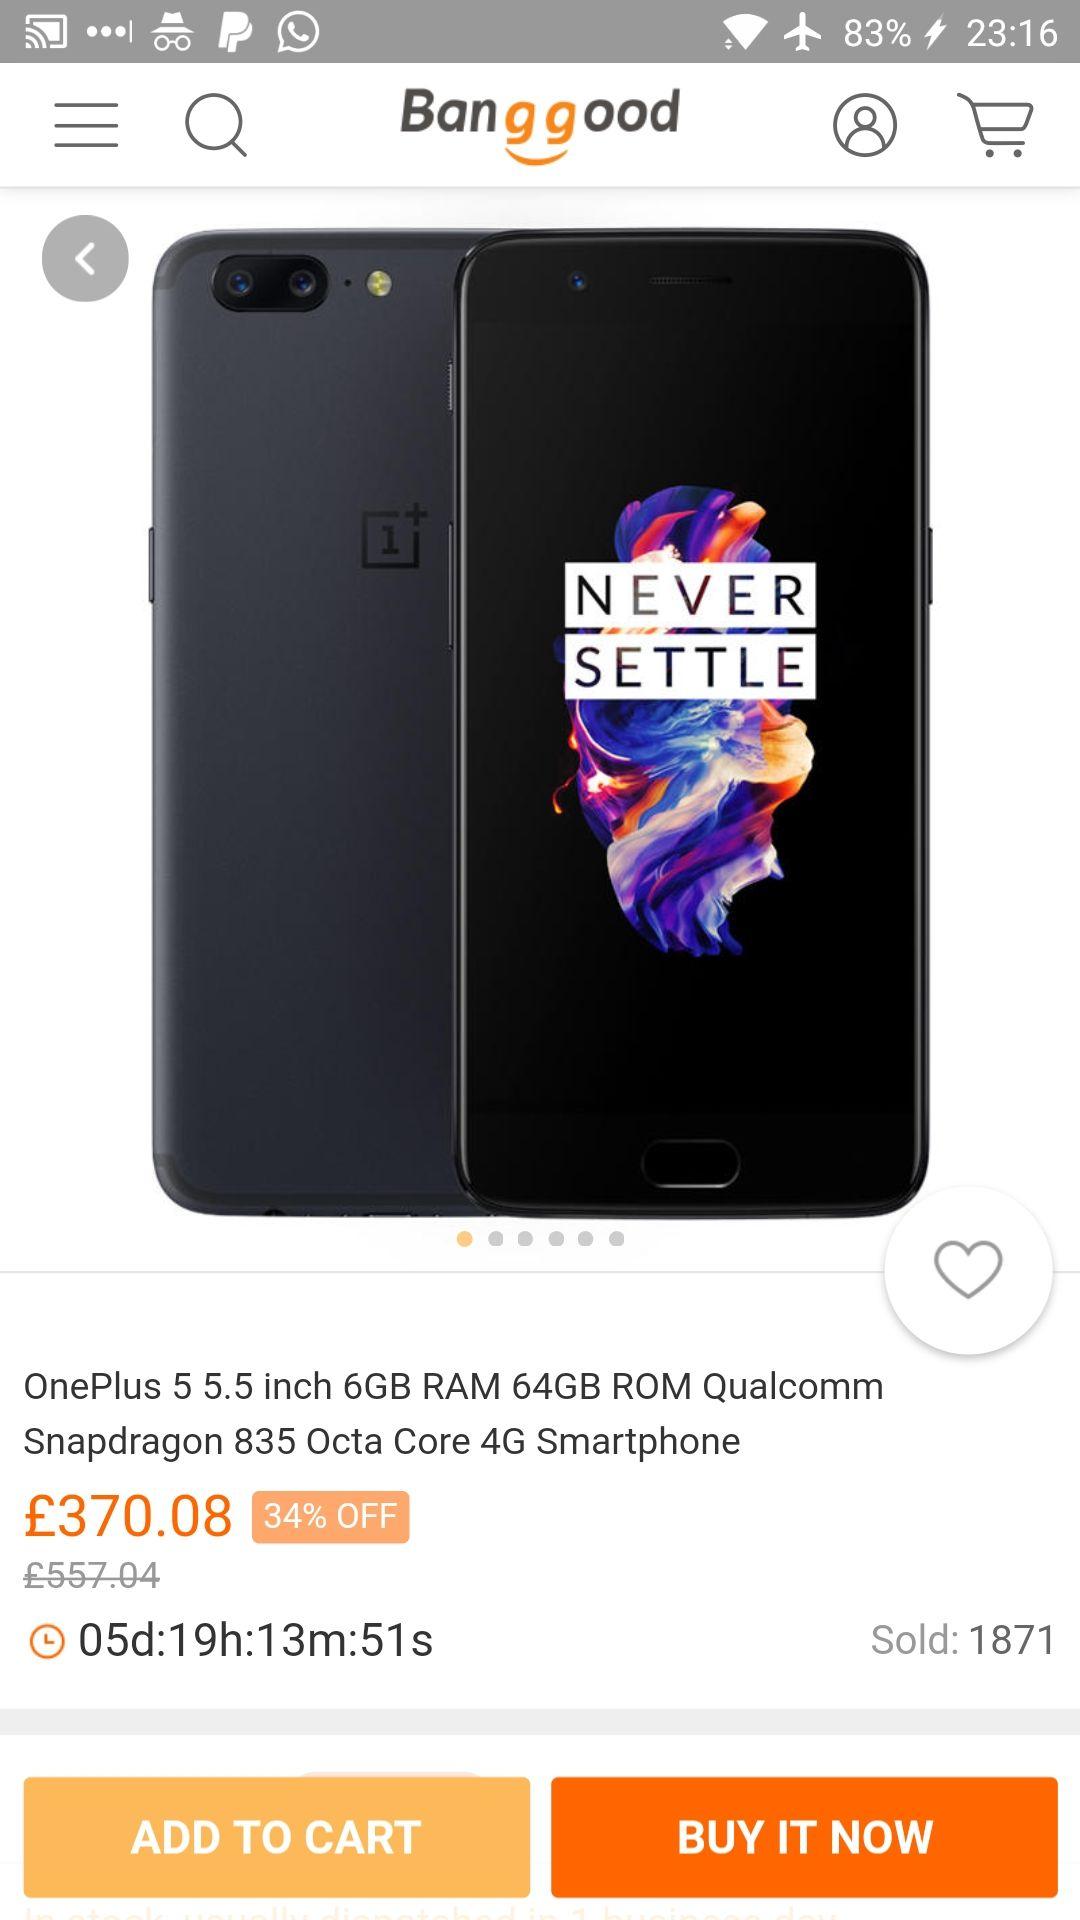 OnePlus 5 Smartphone  £370.08  at Banggood